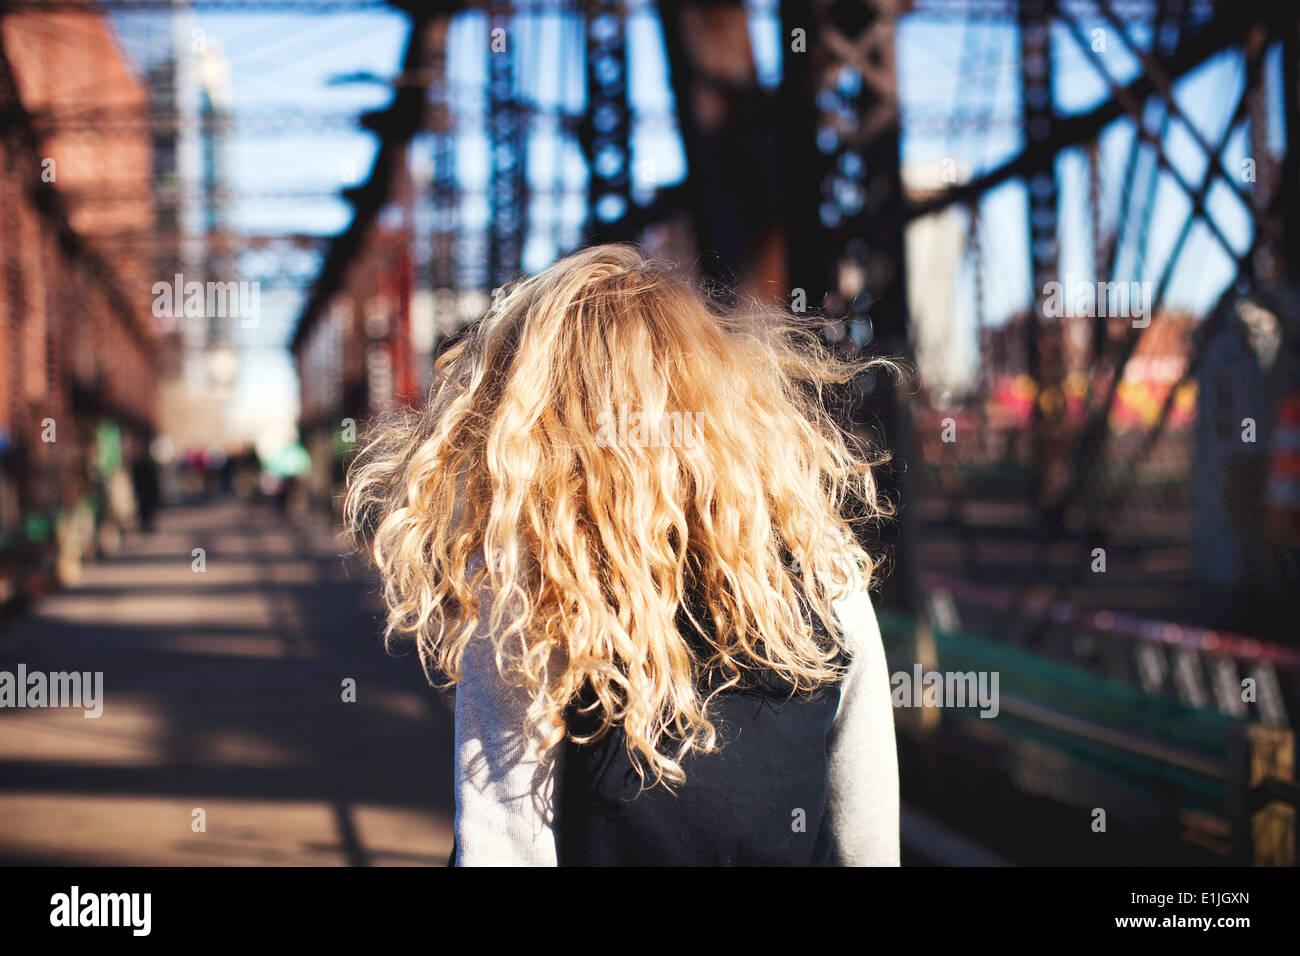 Young woman walking over bridge Photo Stock